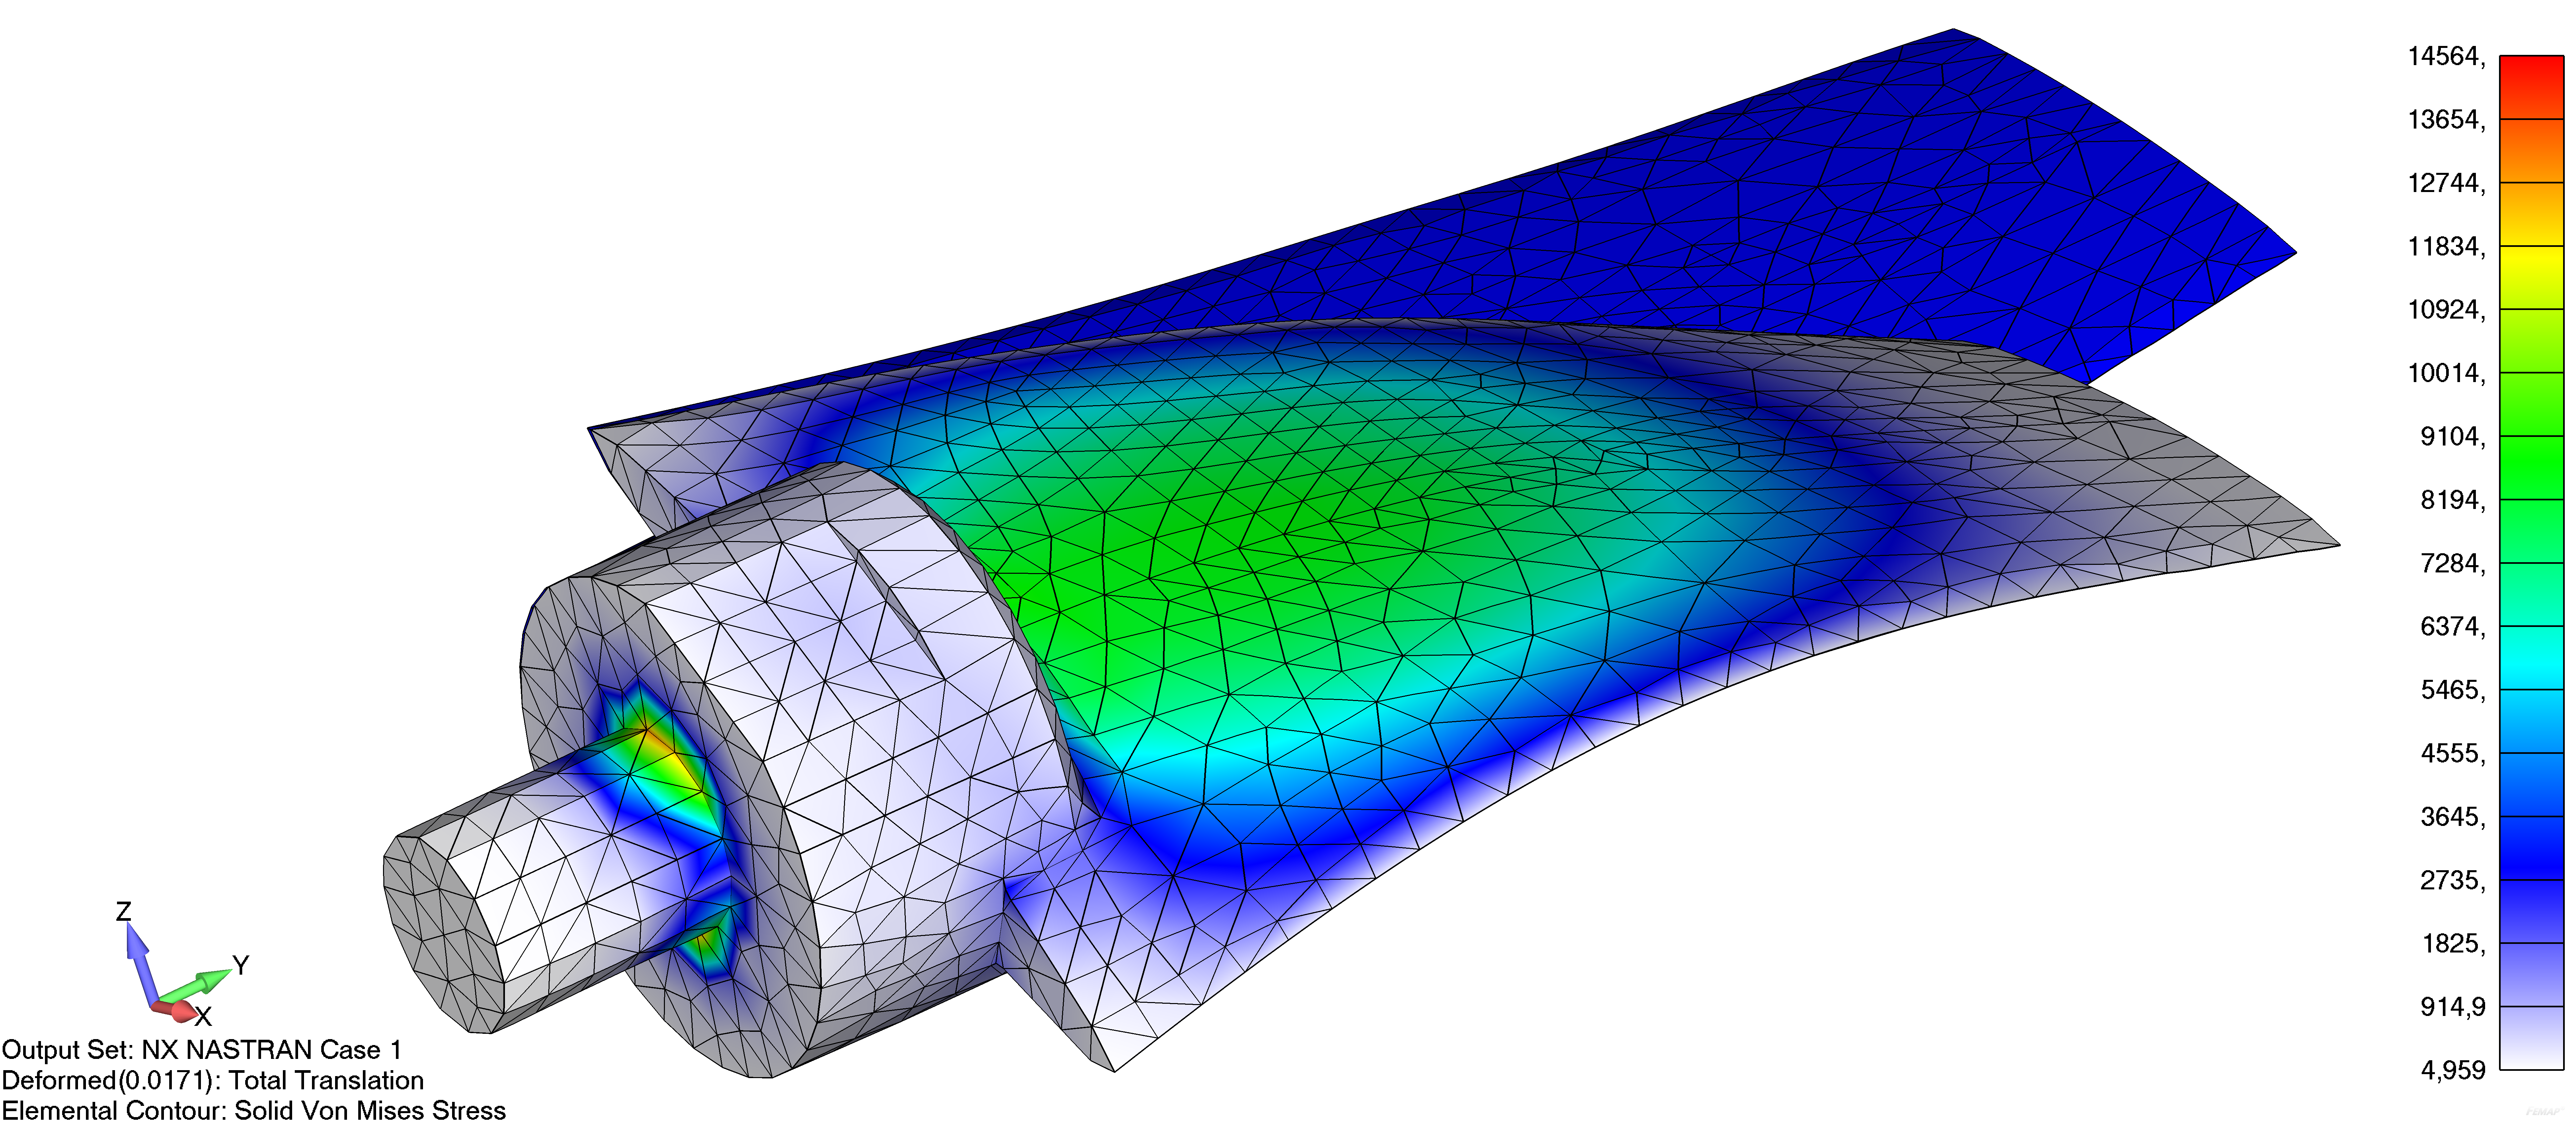 Femap NX NAstran деформированный вид модели и контурную заливку с использованием метода усредненного преобразование данных в узлах